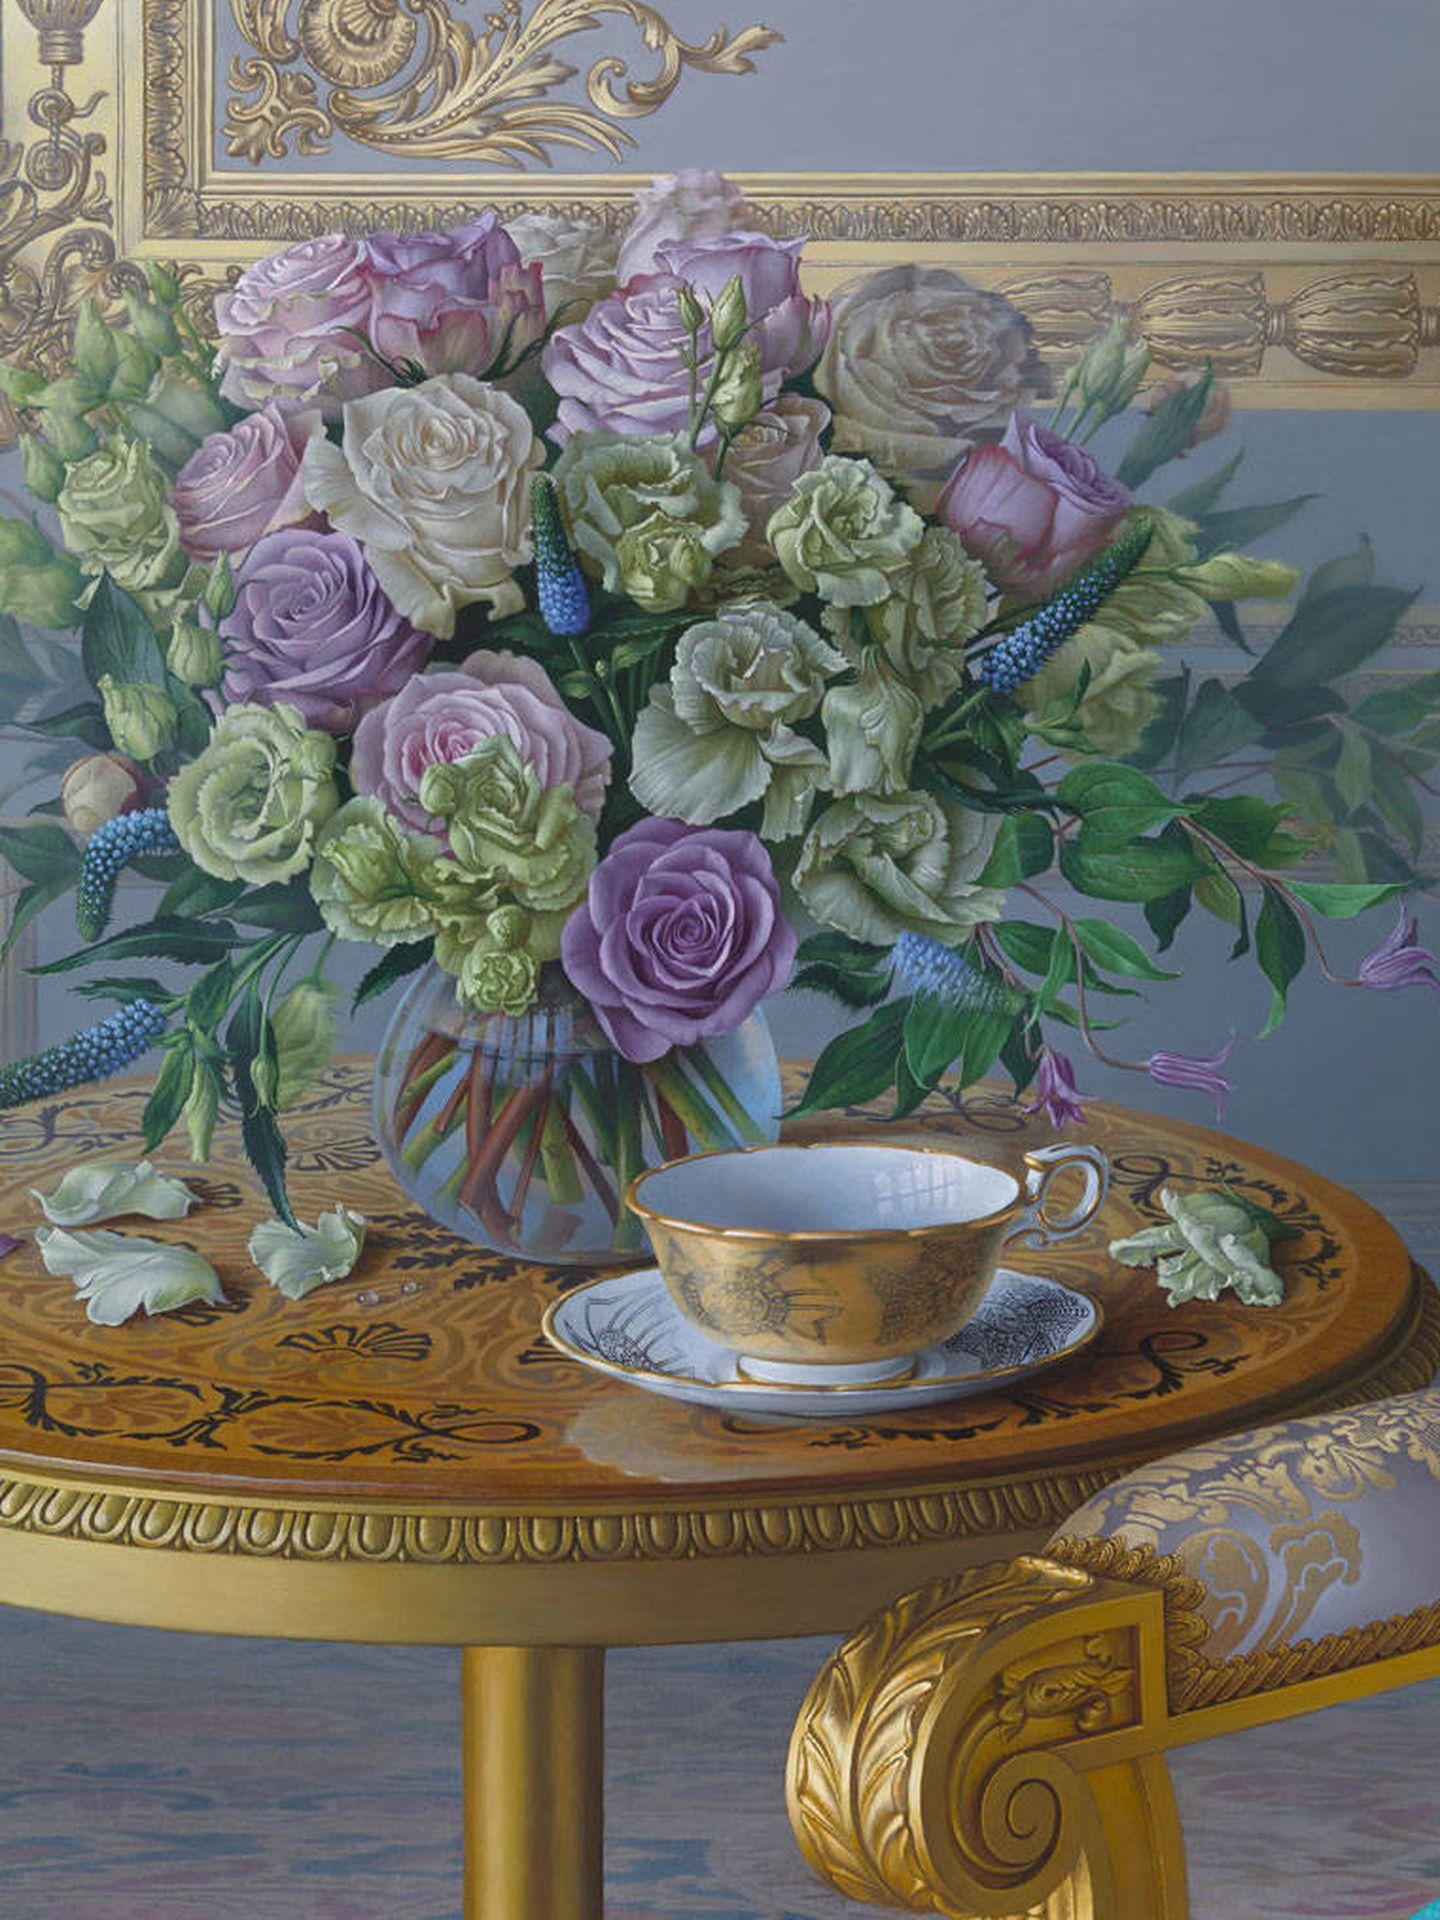 Detalle de la taza de té en el retrato de Isabel II. (Cortesía)